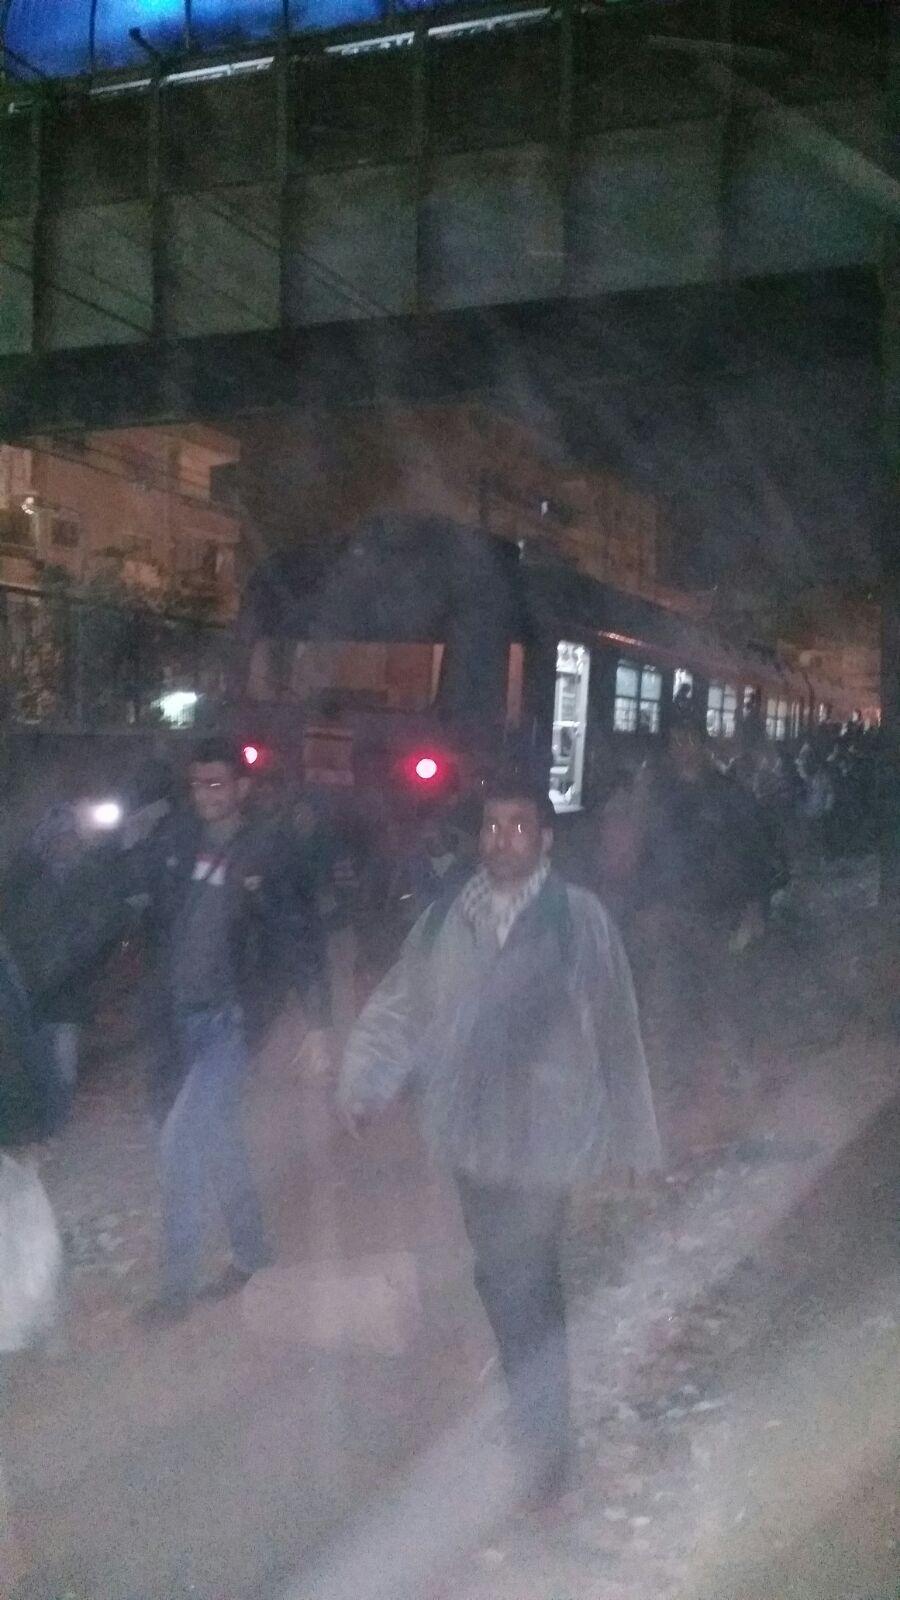 تواصل أزمة الزحام في محطات مترو بخط المرج ـ حلوان